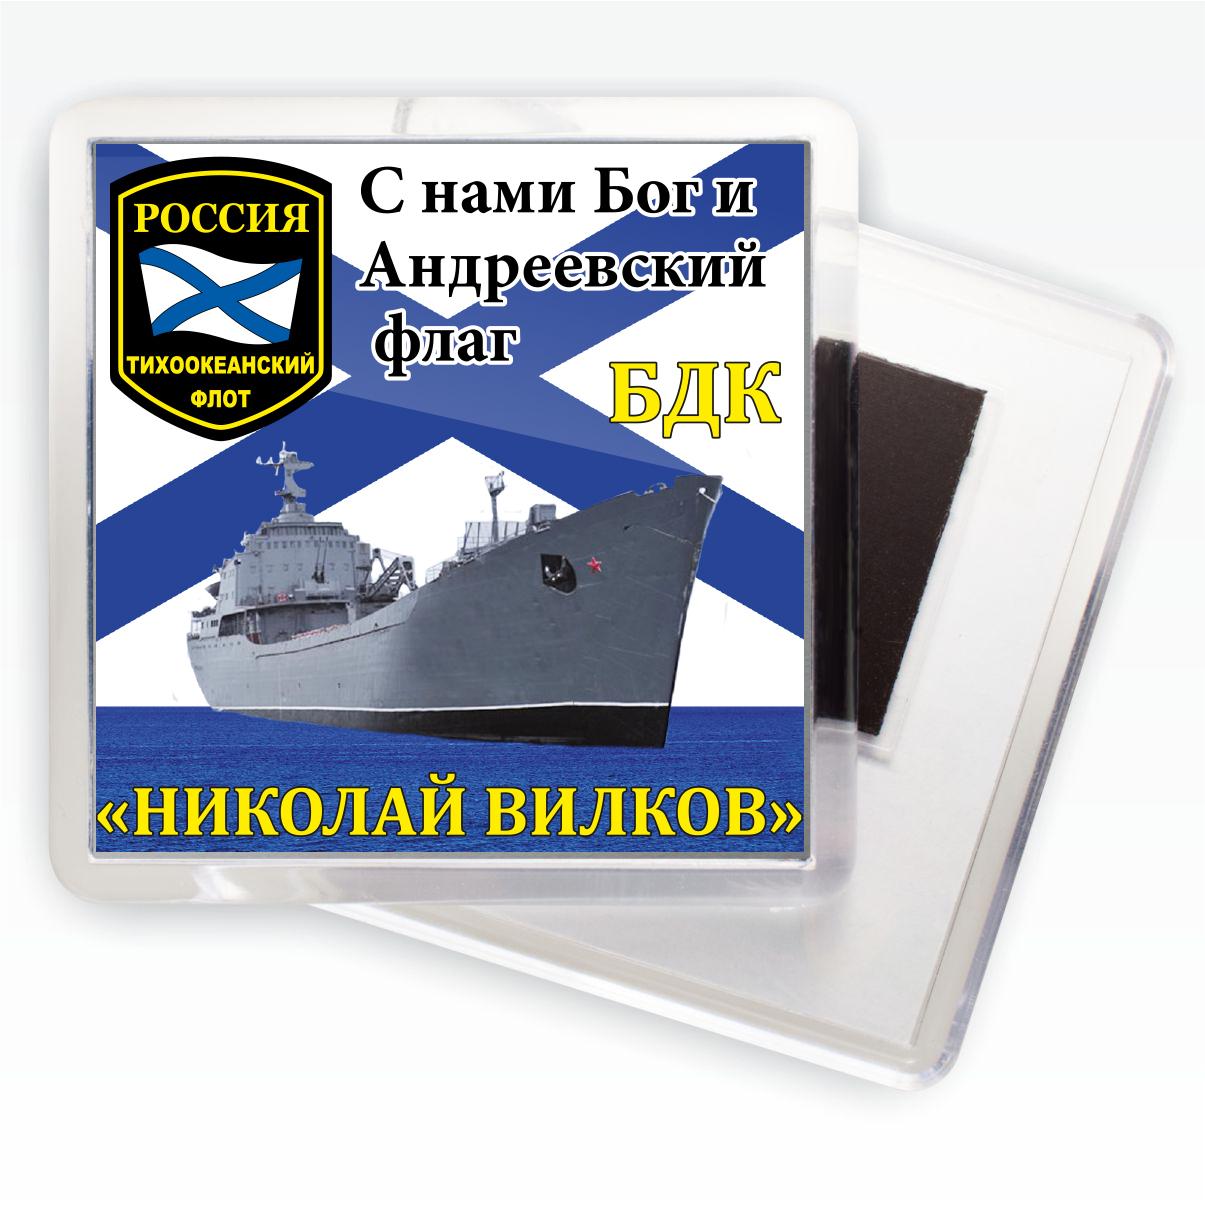 Магнитик БДК «Николай Вилков»